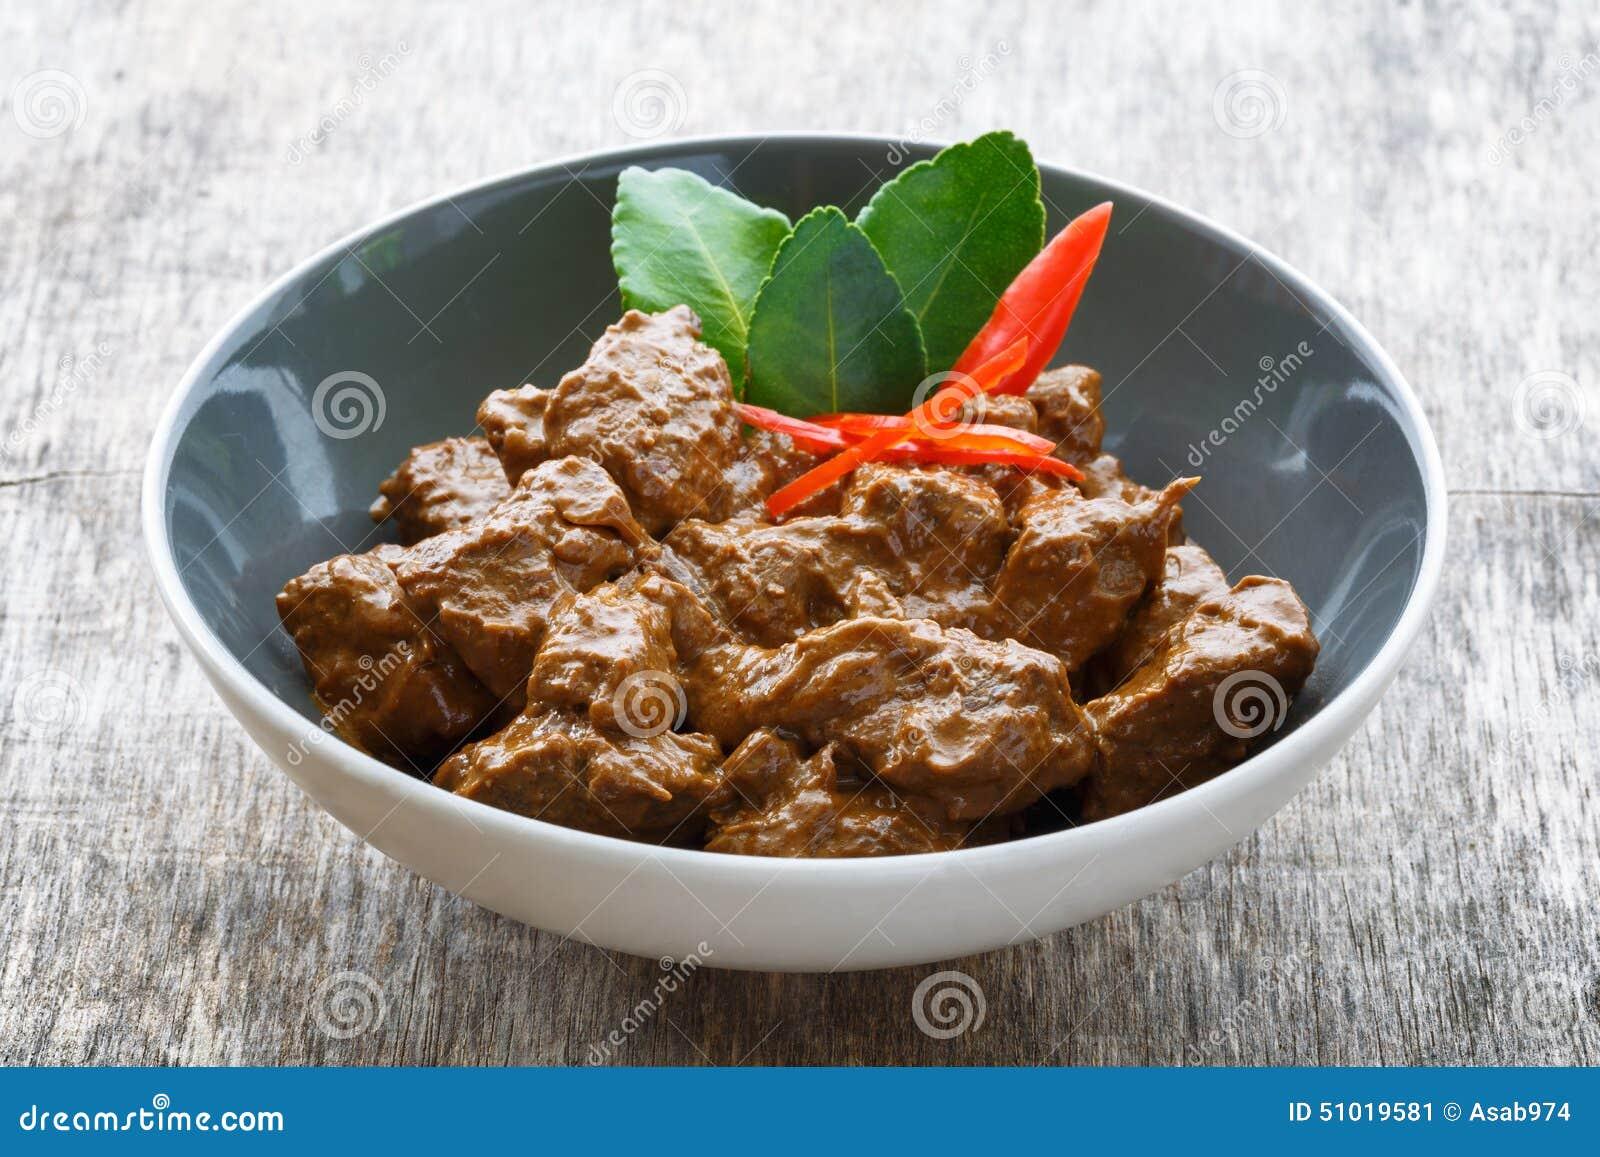 Indonesian Beef Rendang Stock Image